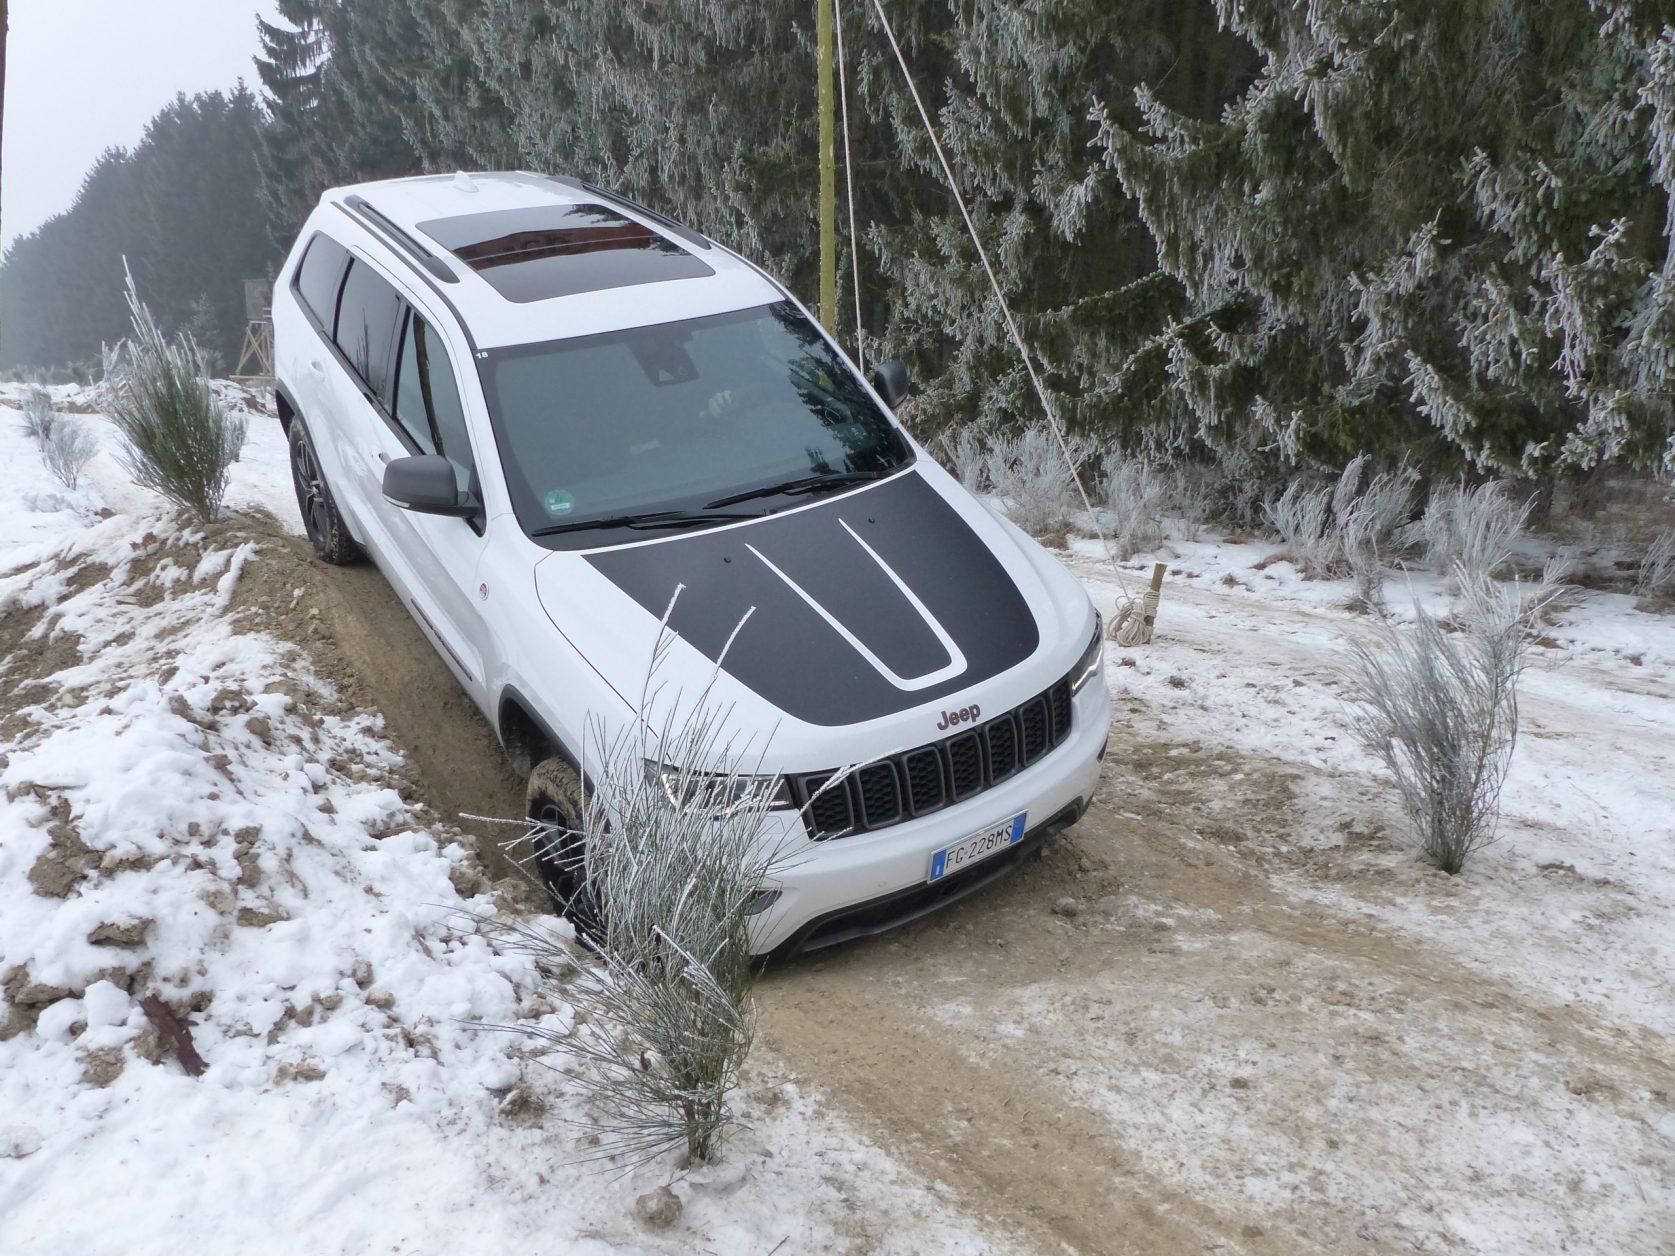 Die präzise Lenkung sowie ein auf Geländeagilität optimiertes Chassis garantieren beste Beweglichkeit. Foto: D.Weirauch